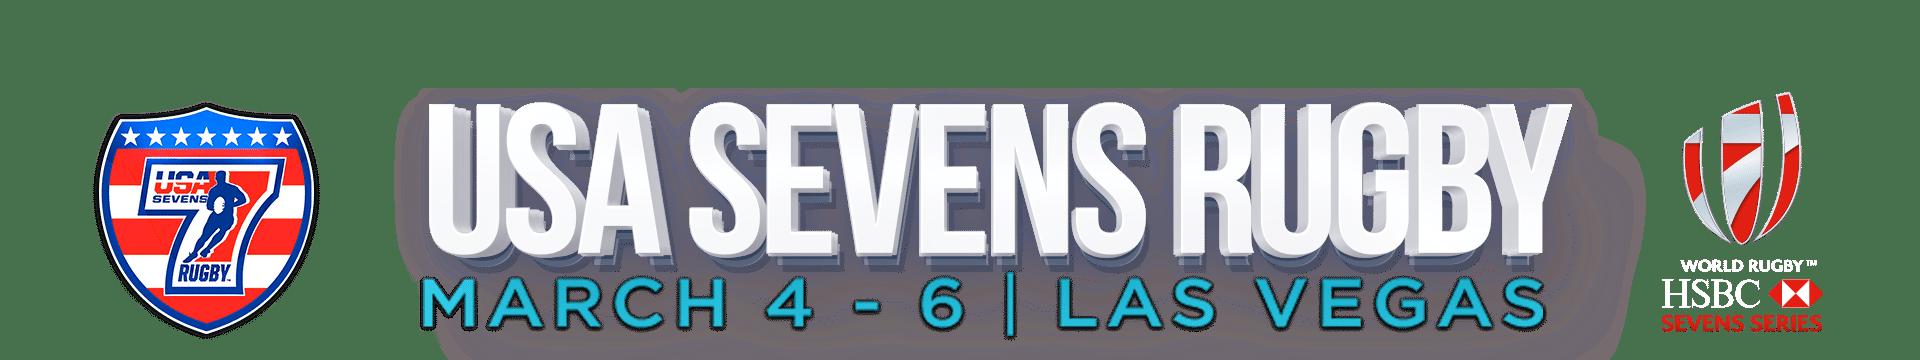 Las Vegas Invitational 2016